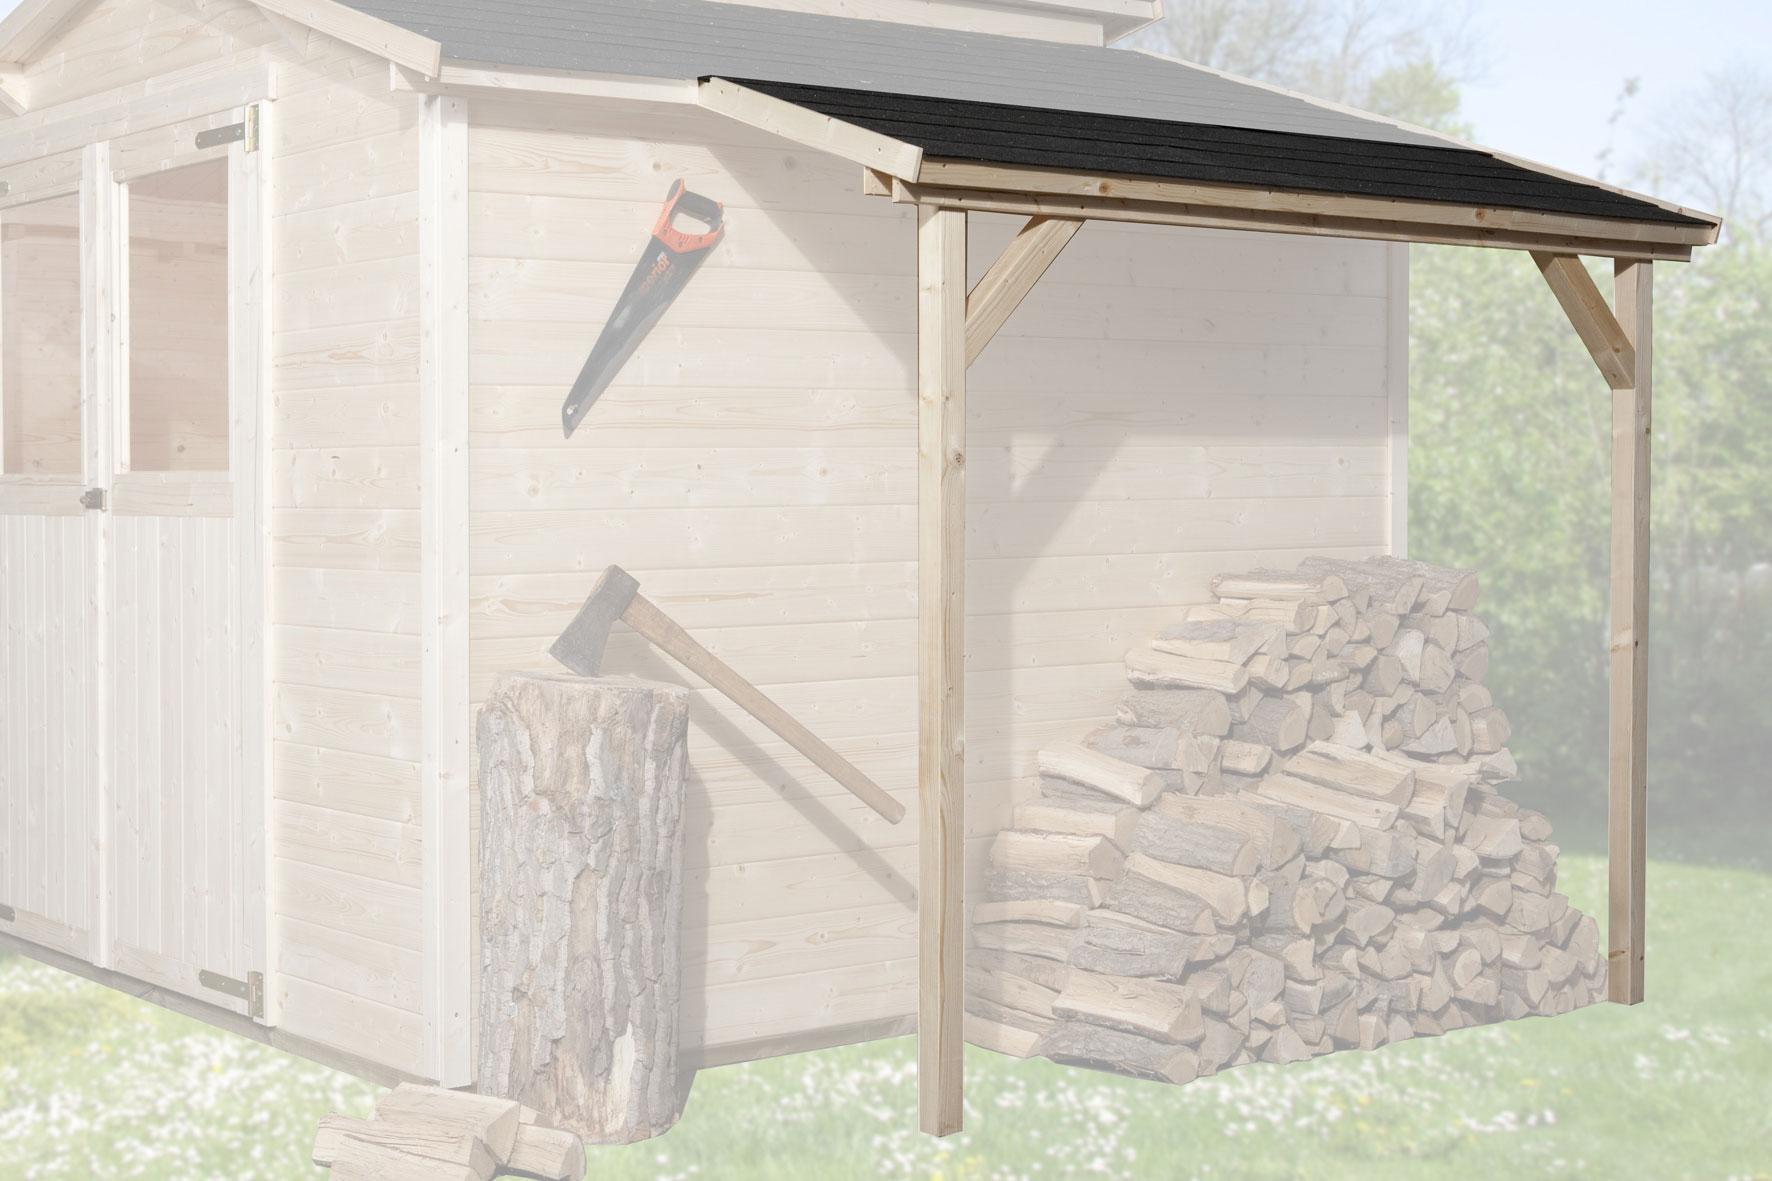 Schleppdach zu Weka Gartenhaus 19 -21 mm natur 80x200cm Bild 1